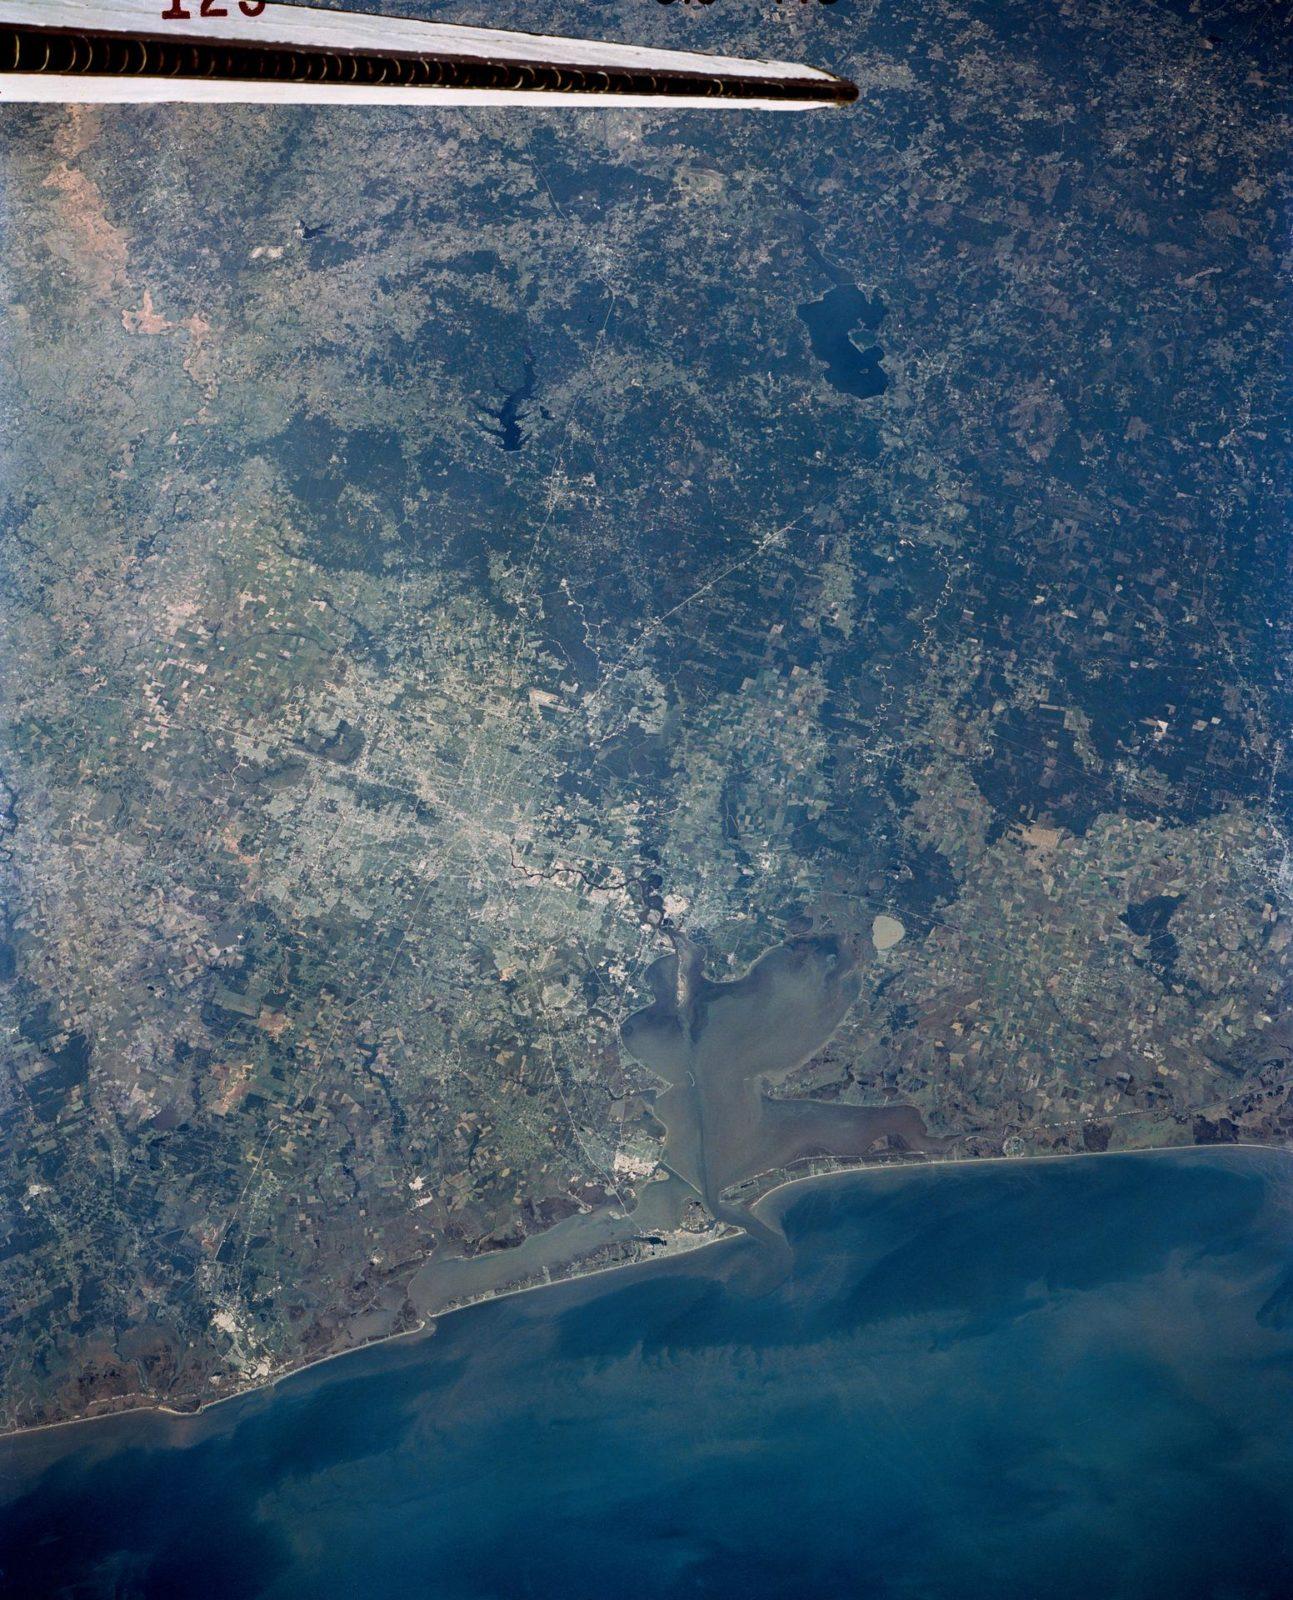 Houston, Galveston Bay, Texas, USA